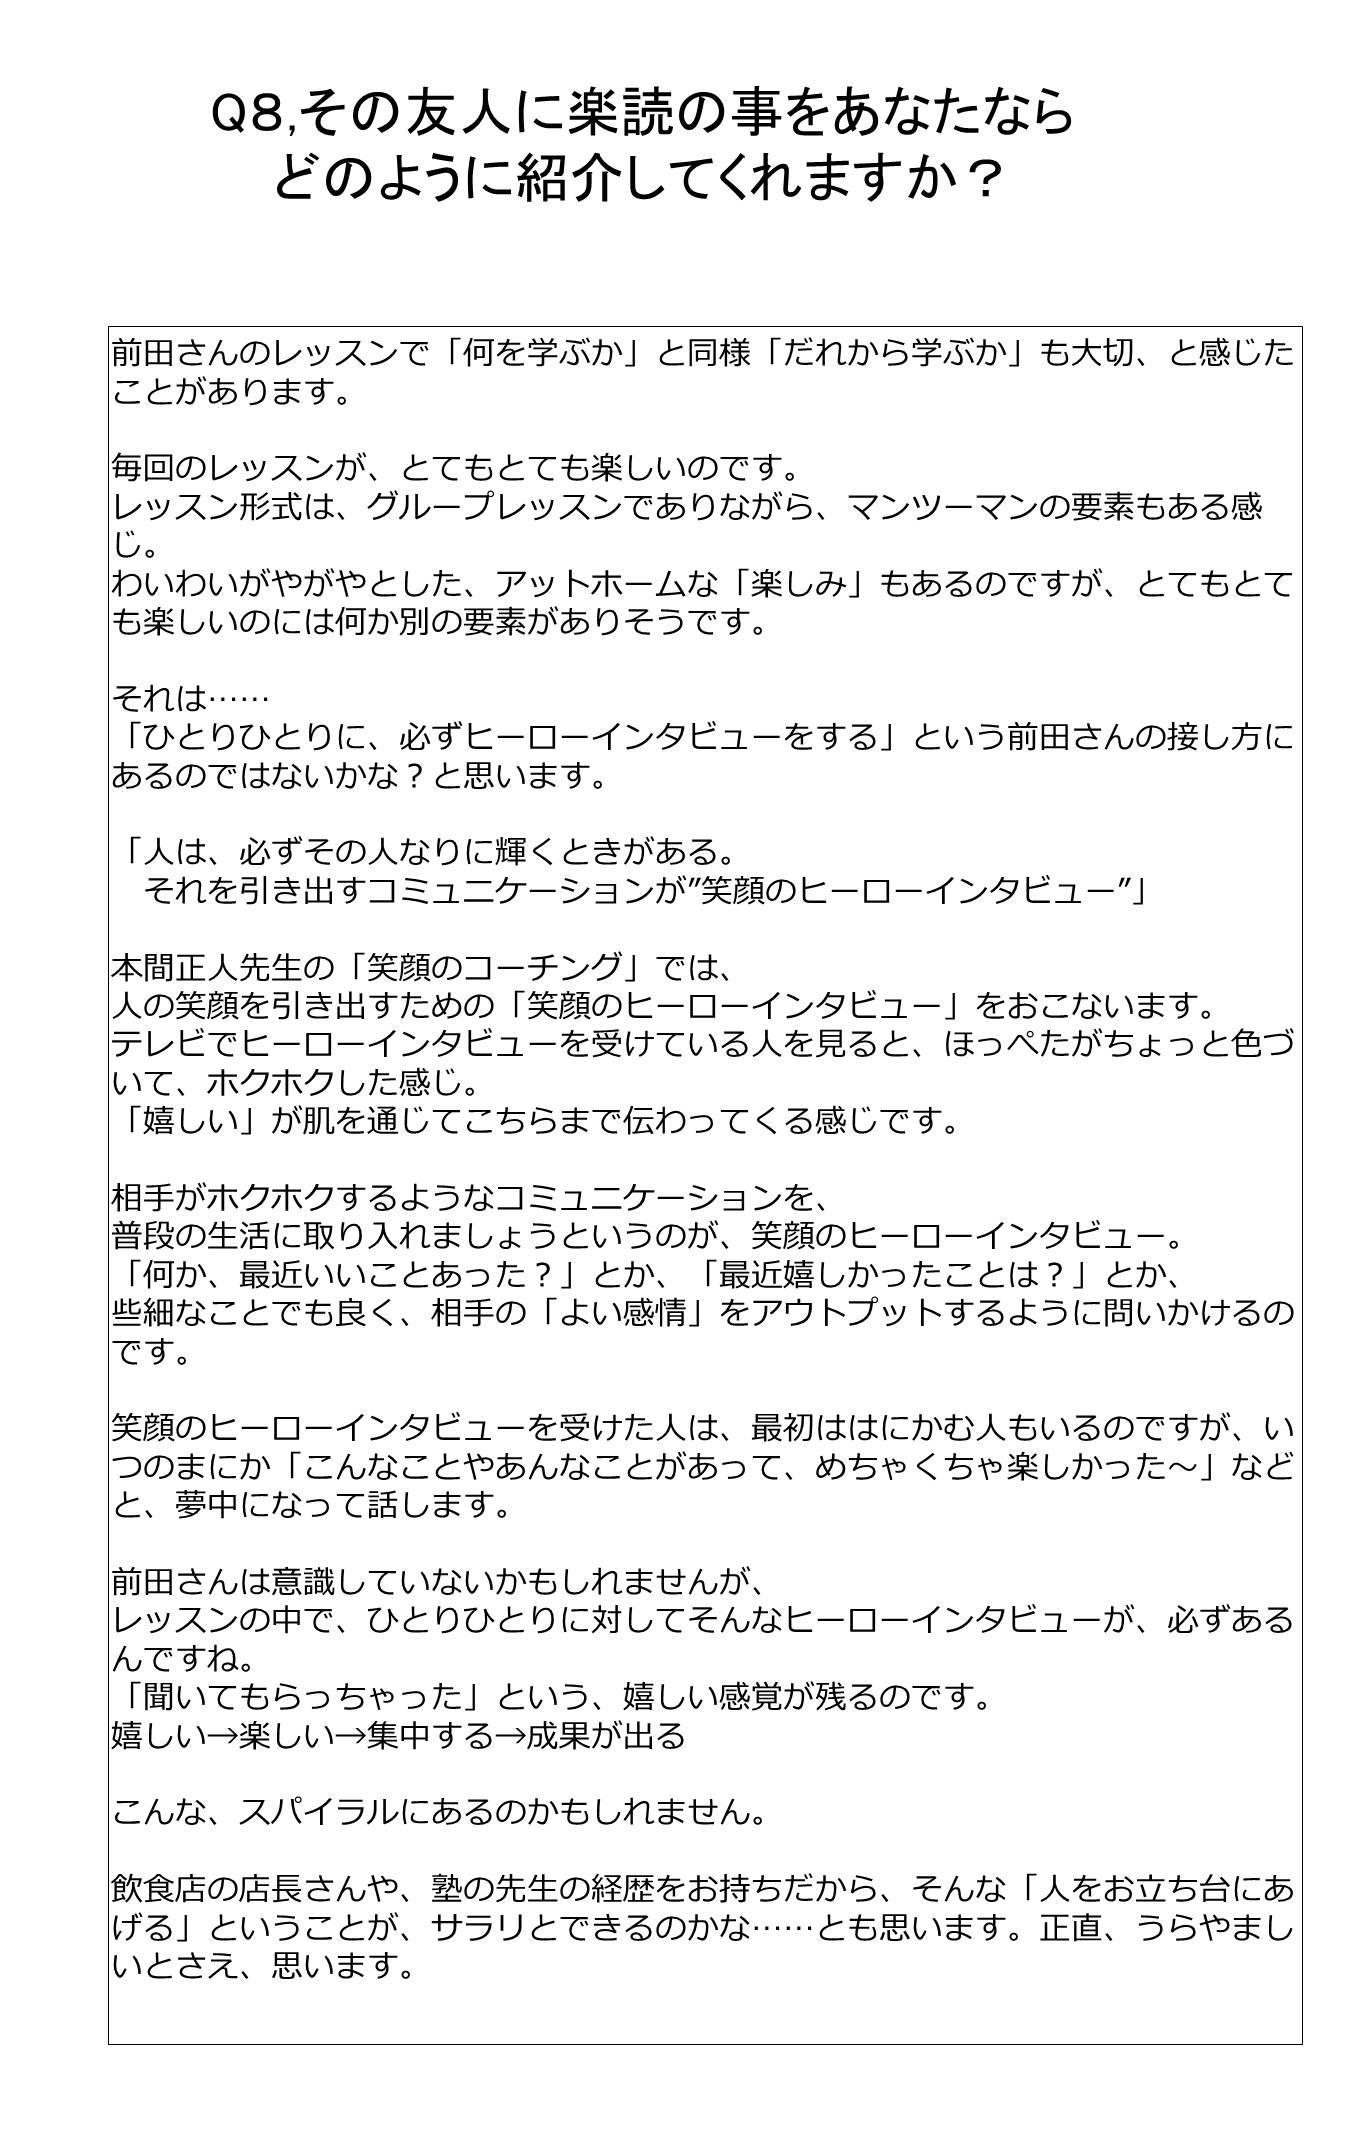 流美ちゃんアンケート3